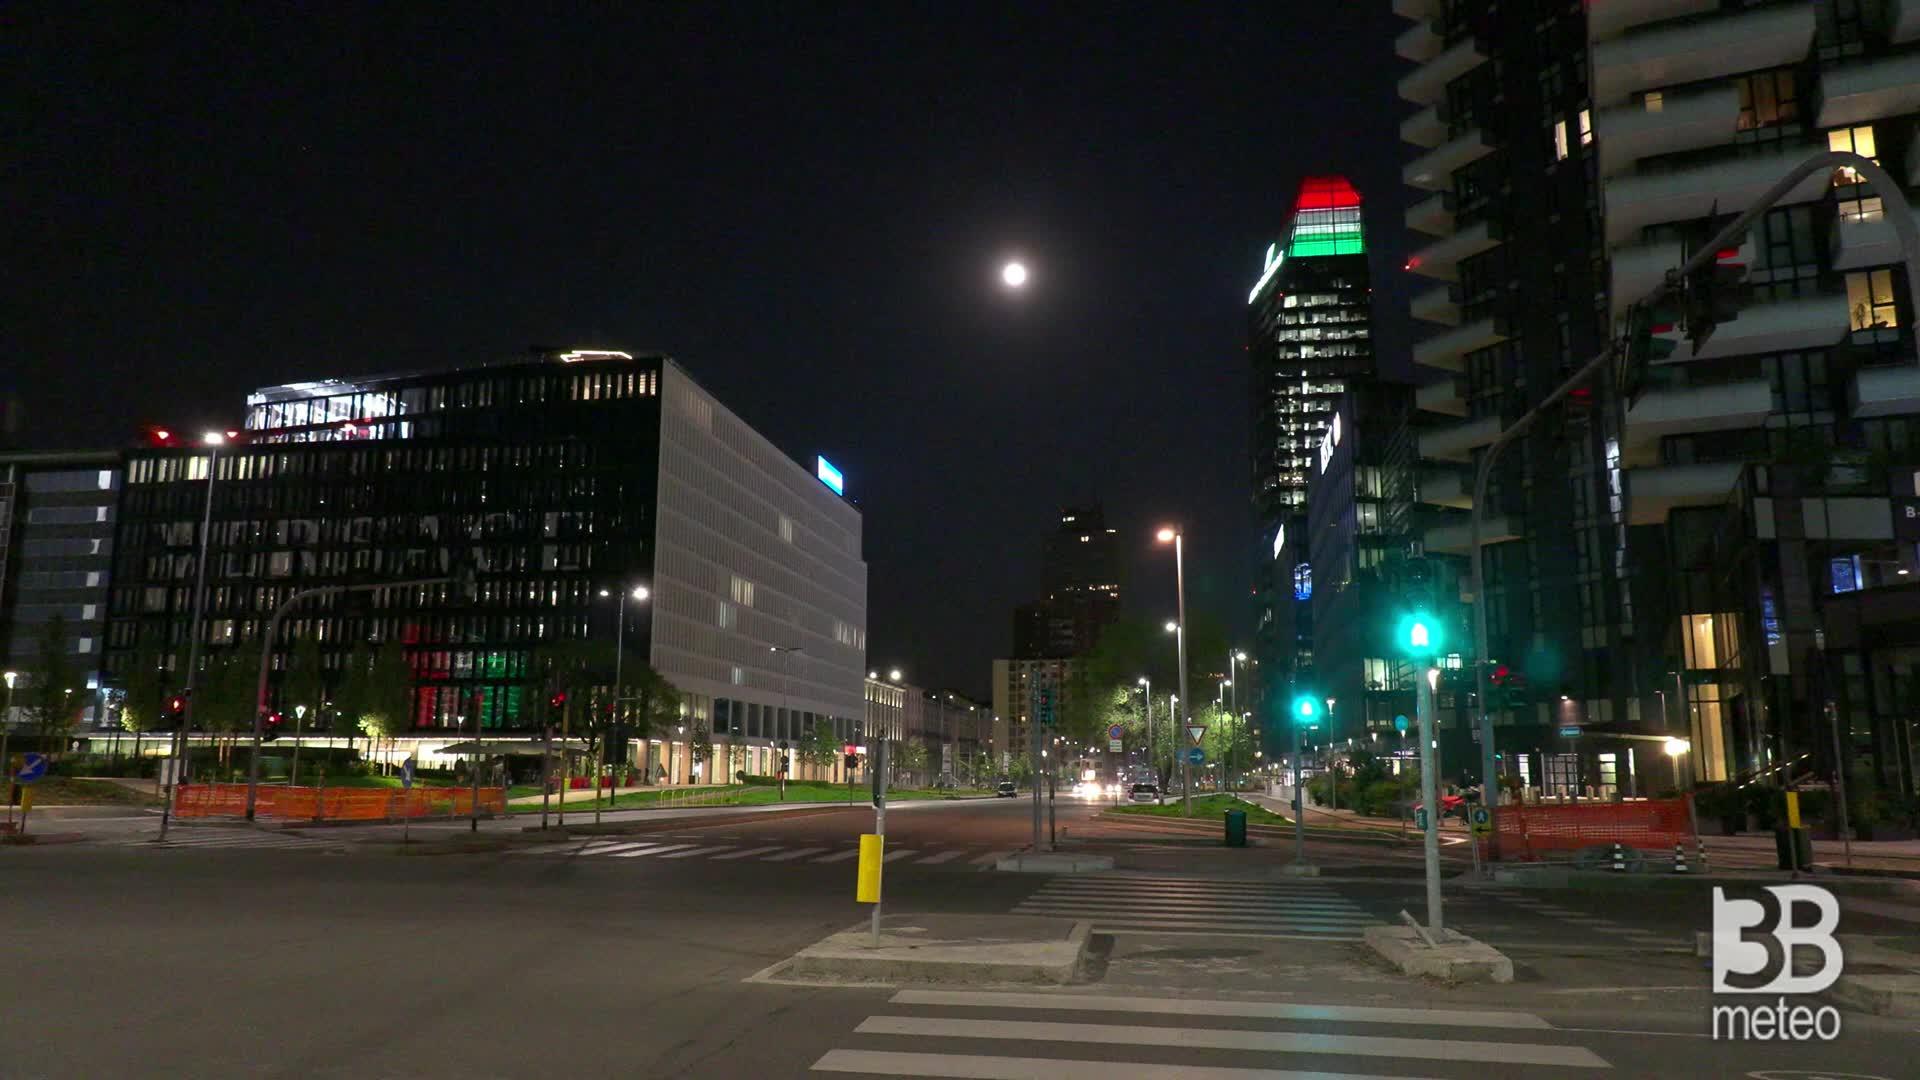 Milano, la notte della Superluna: le immagini tra i grattacieli